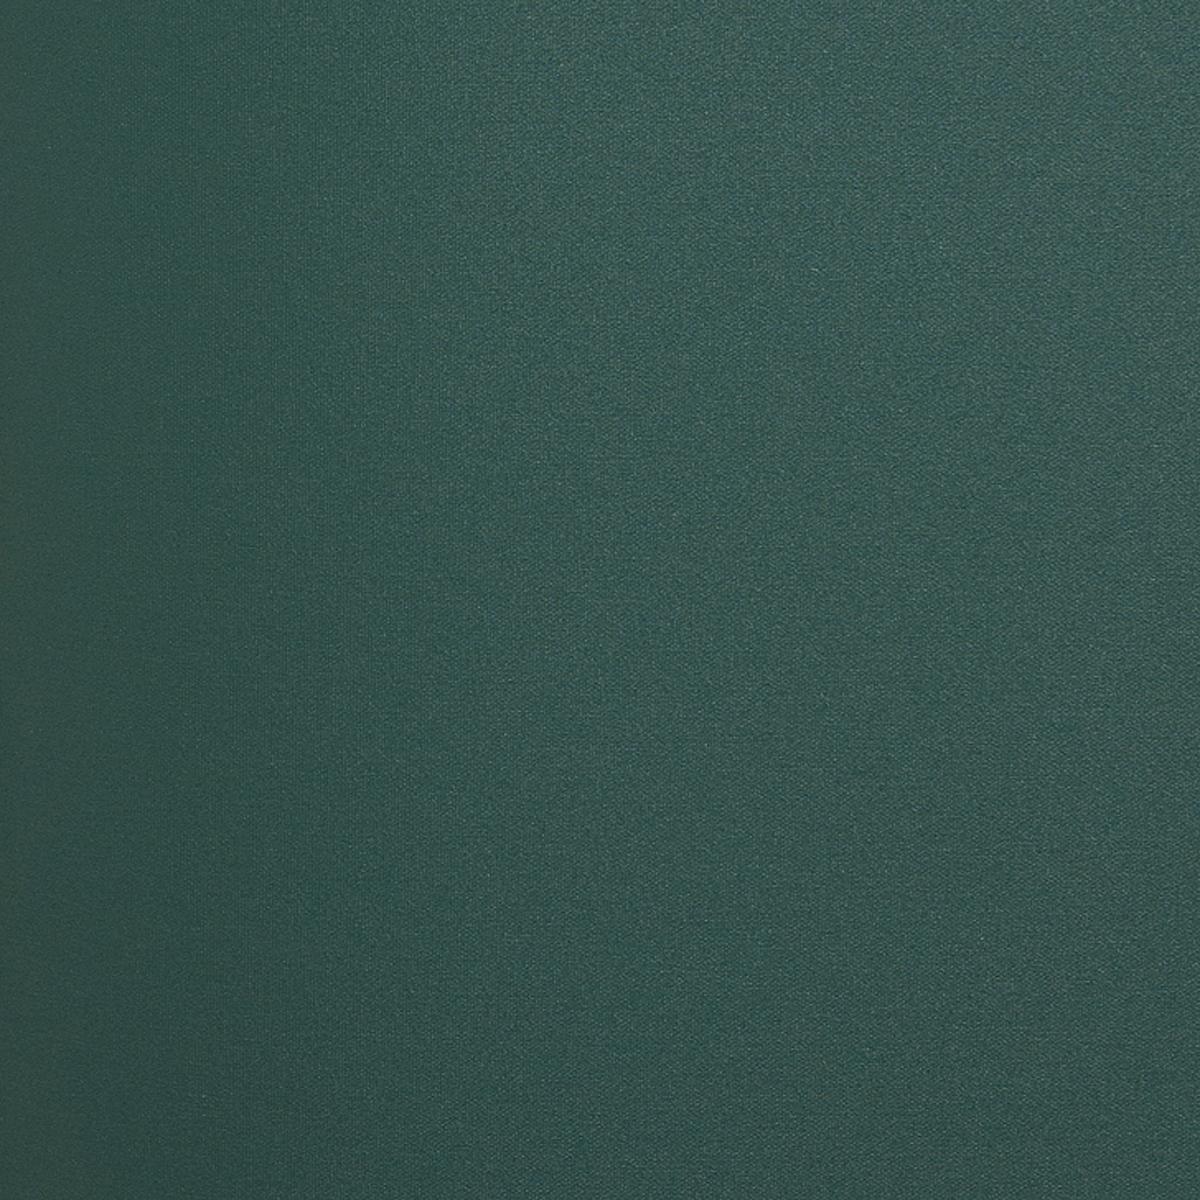 Rullgardinsväv Carina 4978